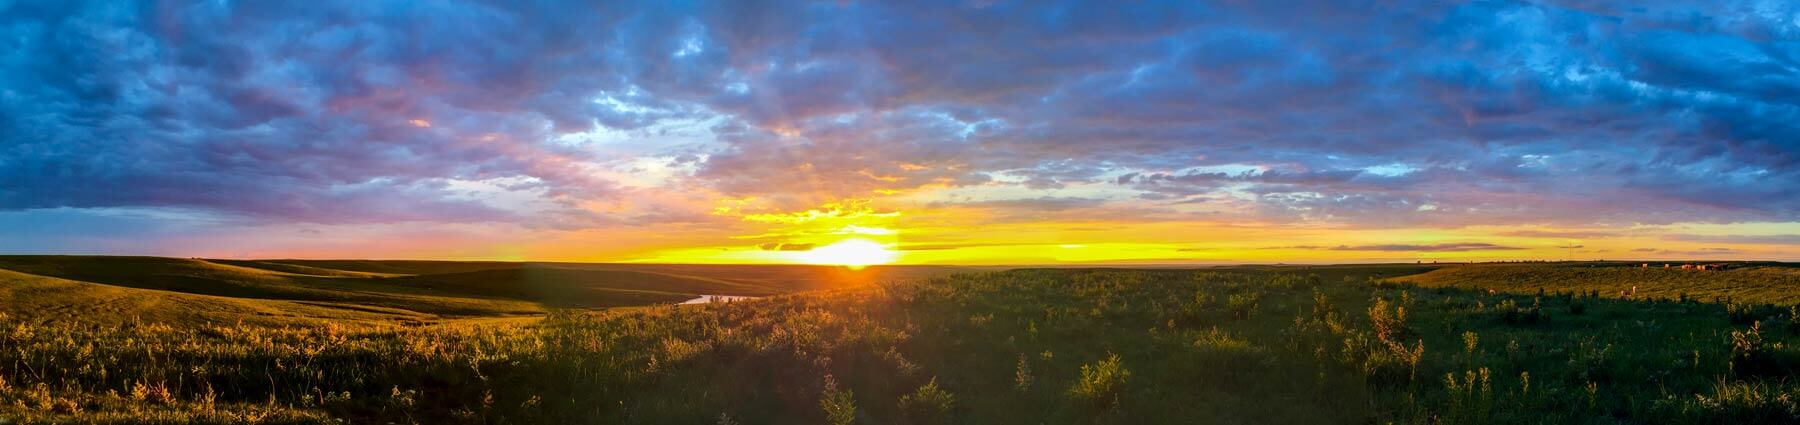 A sunset in the Kansas Flint Hills, west of Emporia